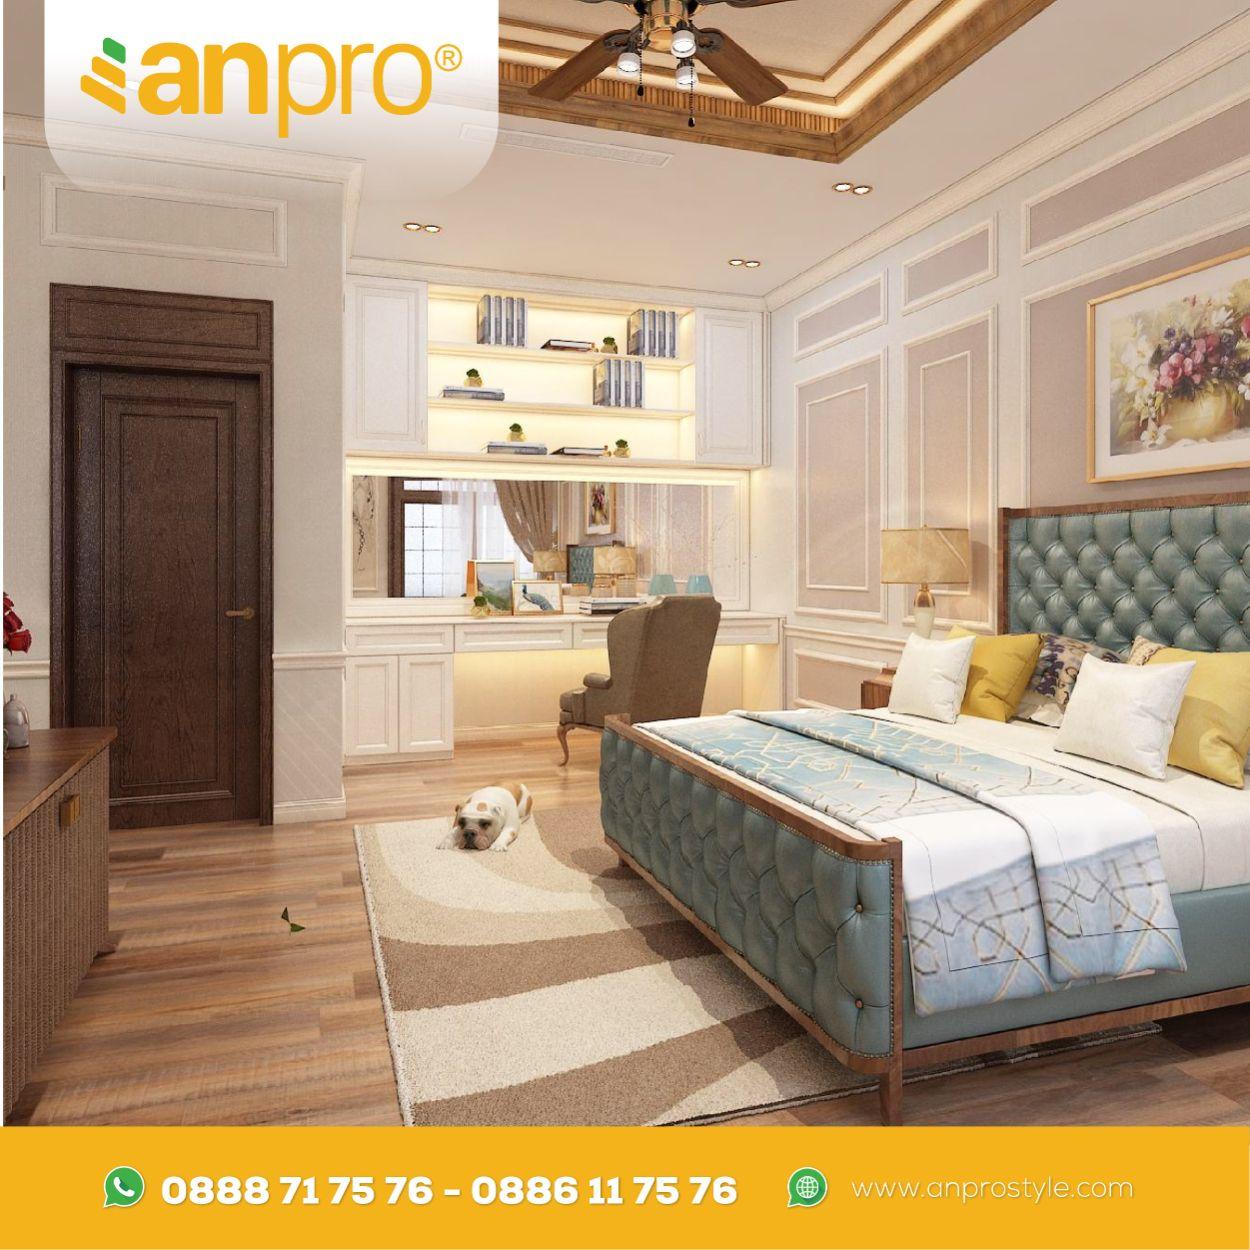 6 7 10 - Ấn tượng với thiết kế nội thất mang vẻ đẹp vượt thời gian